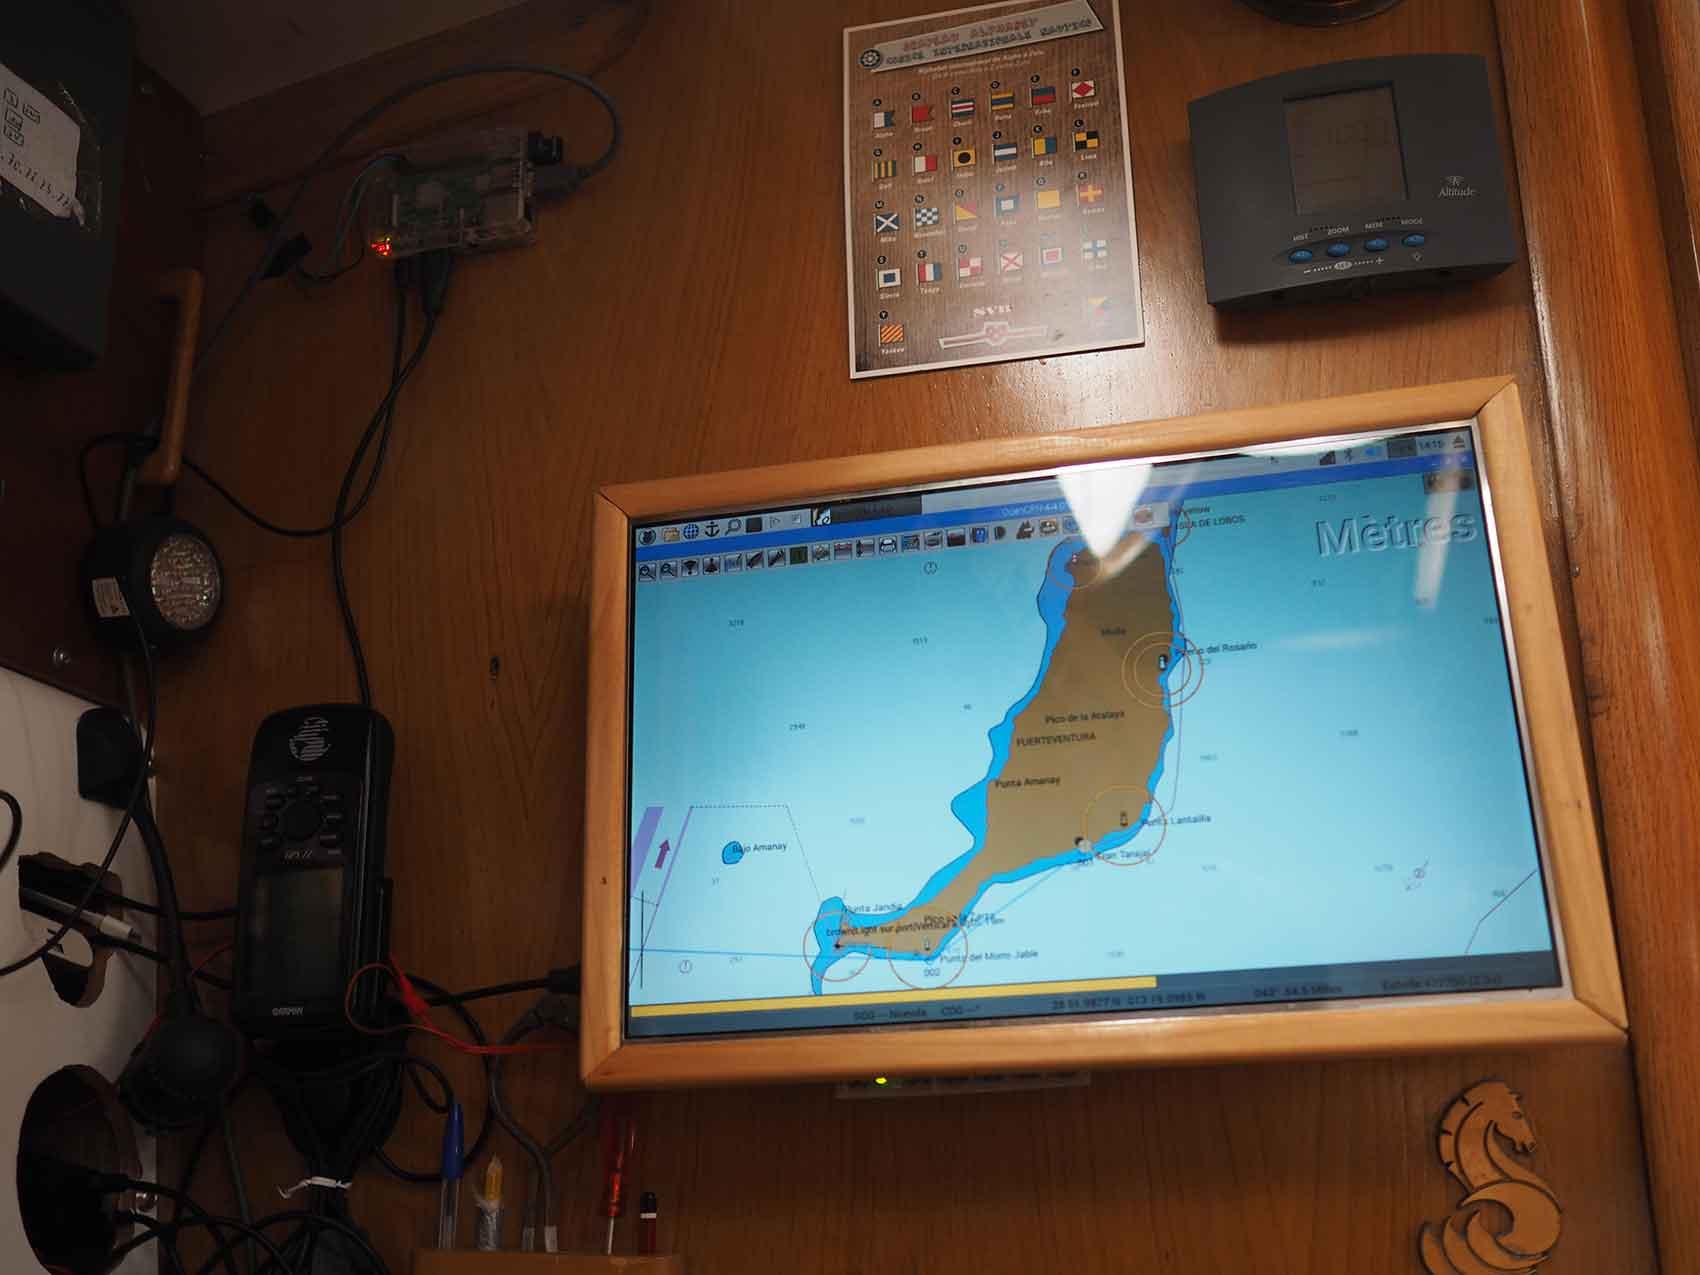 Ecran LCD encadré au dessus de la table à carte.